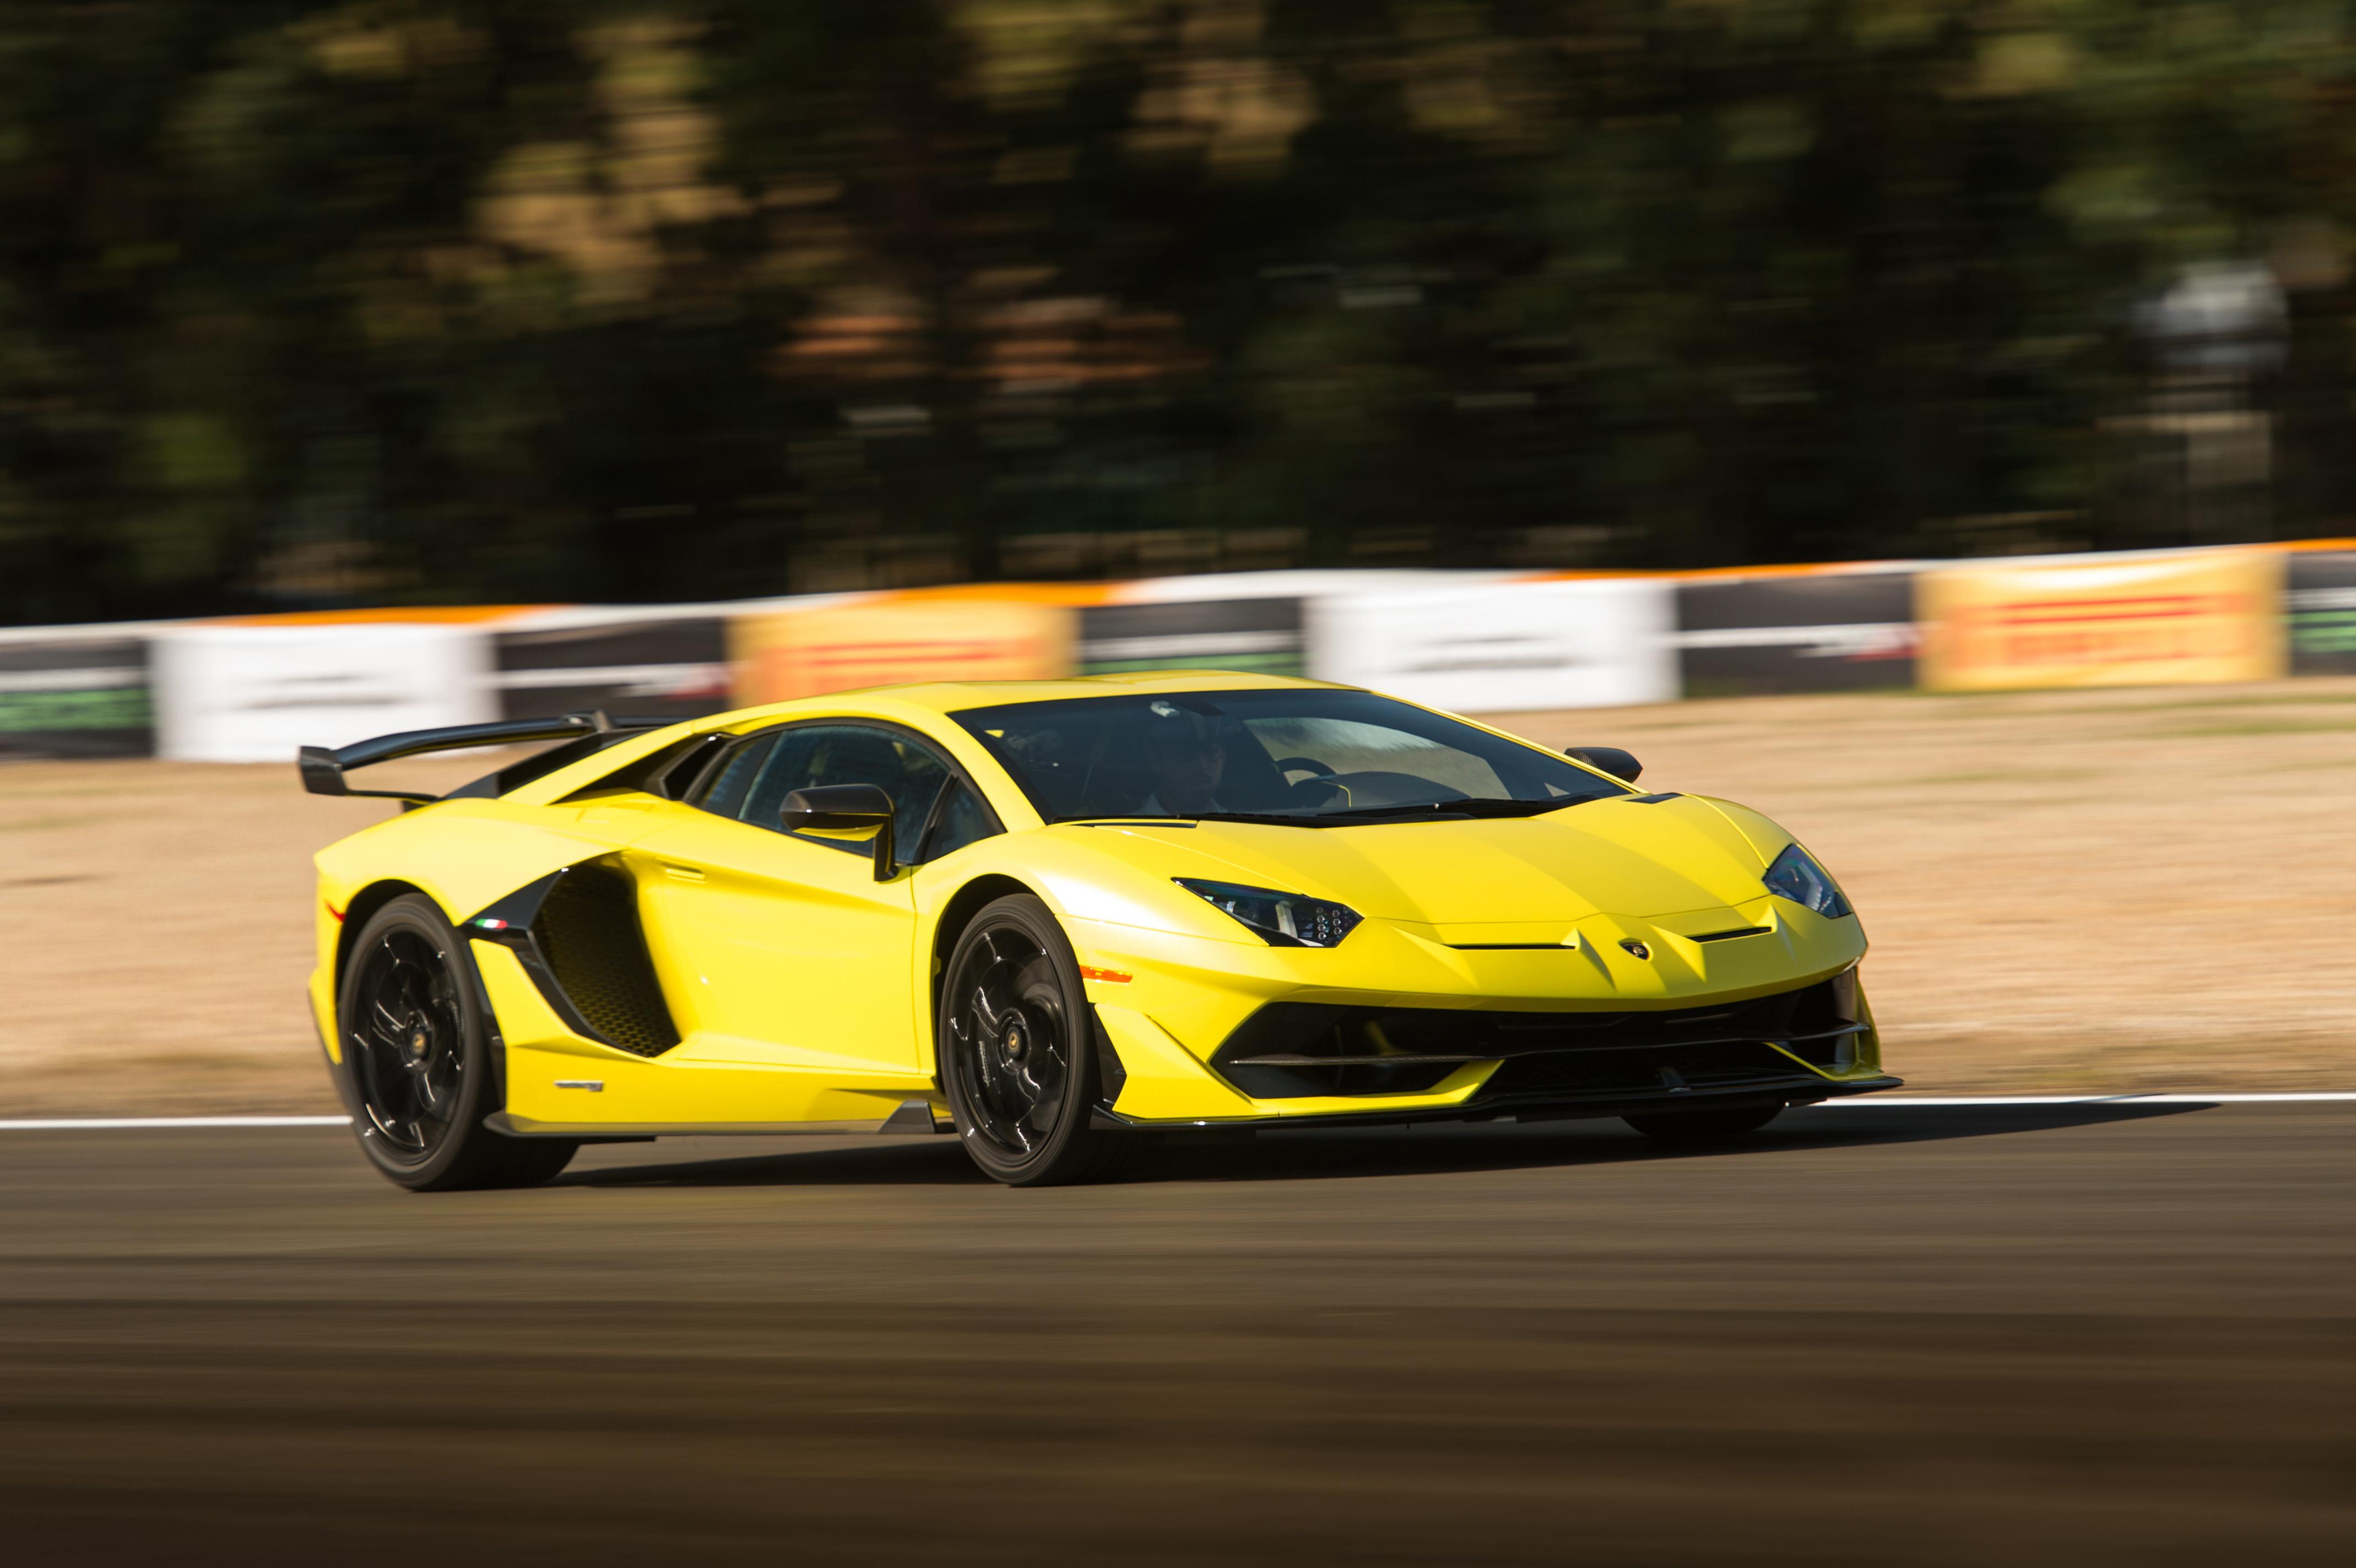 Abas ativas no meio do spoiler jogam o ar para baixo do carro ou para cima pelas duas fendas no bico do SVJ